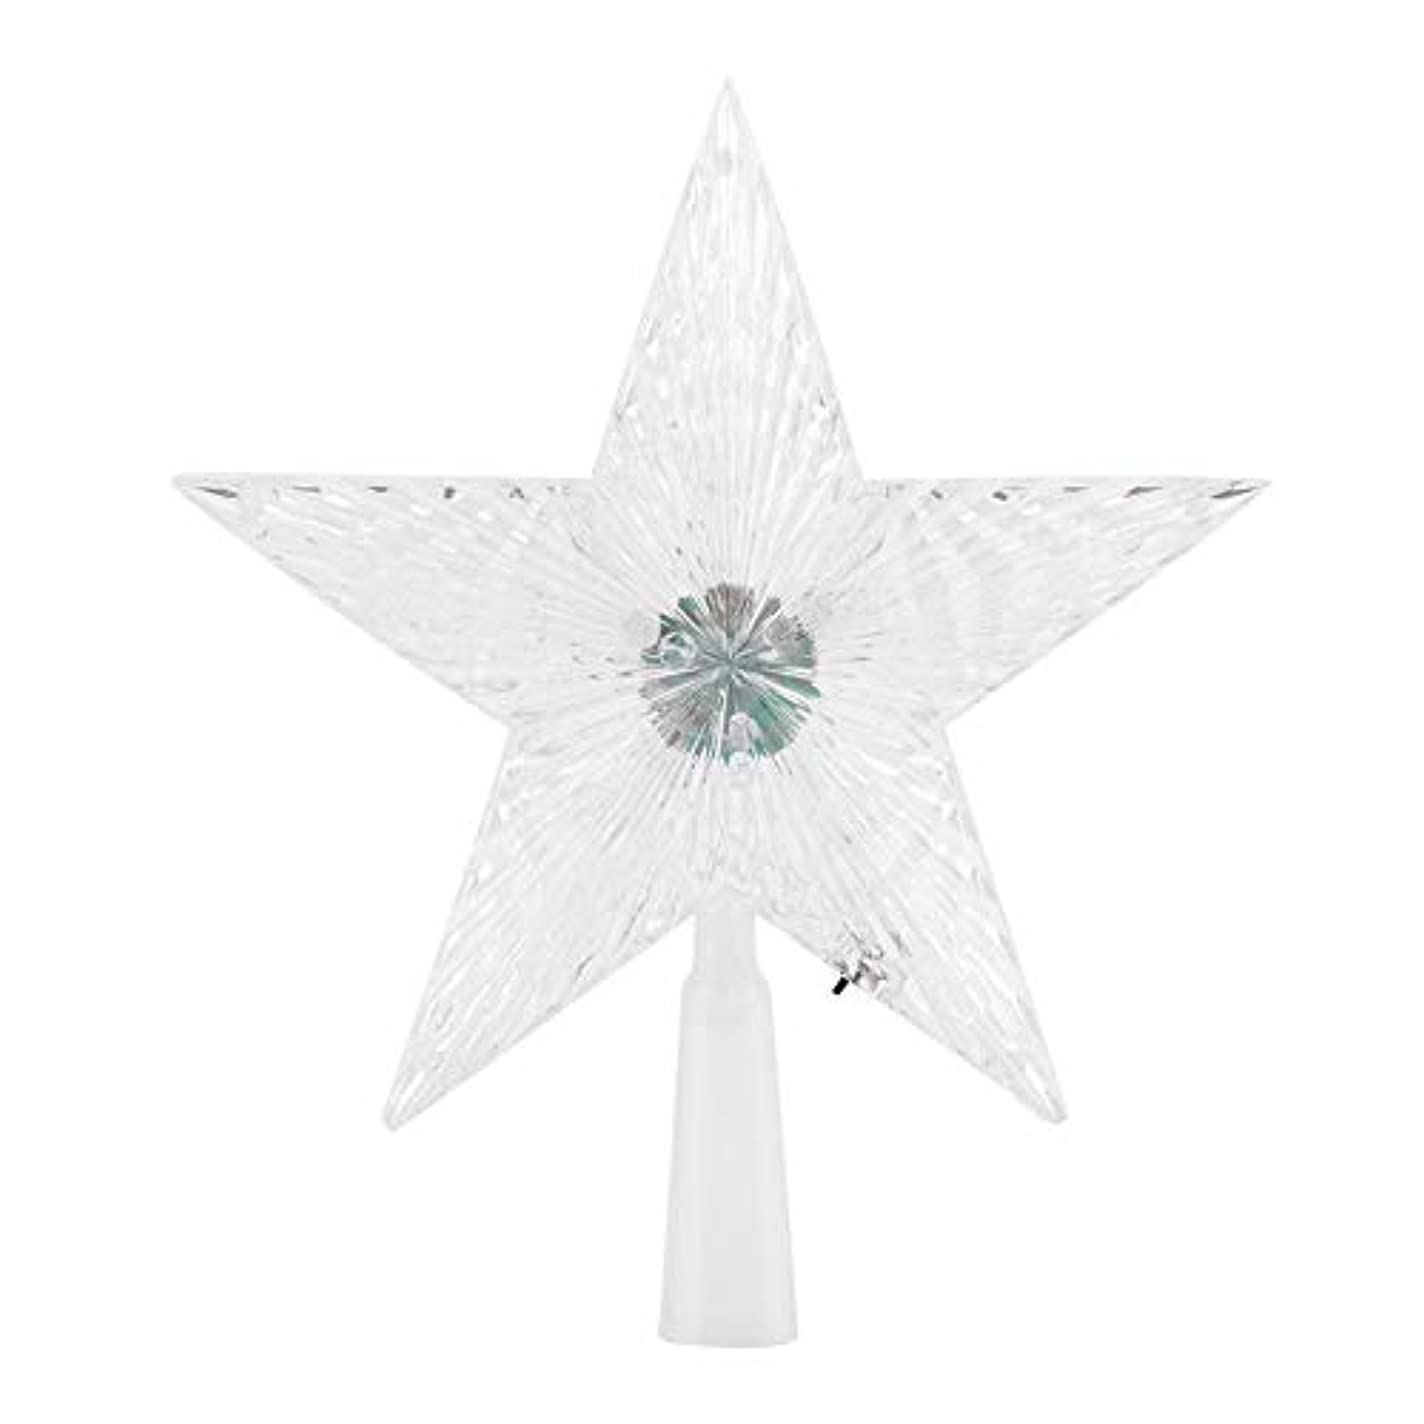 豊富に休憩ポイントSemmeスターツリートッパー、クリスマスツリーの装飾輝き星飾り屋内屋外用の5つの尖った星LED変更ライトツリートップ(small)